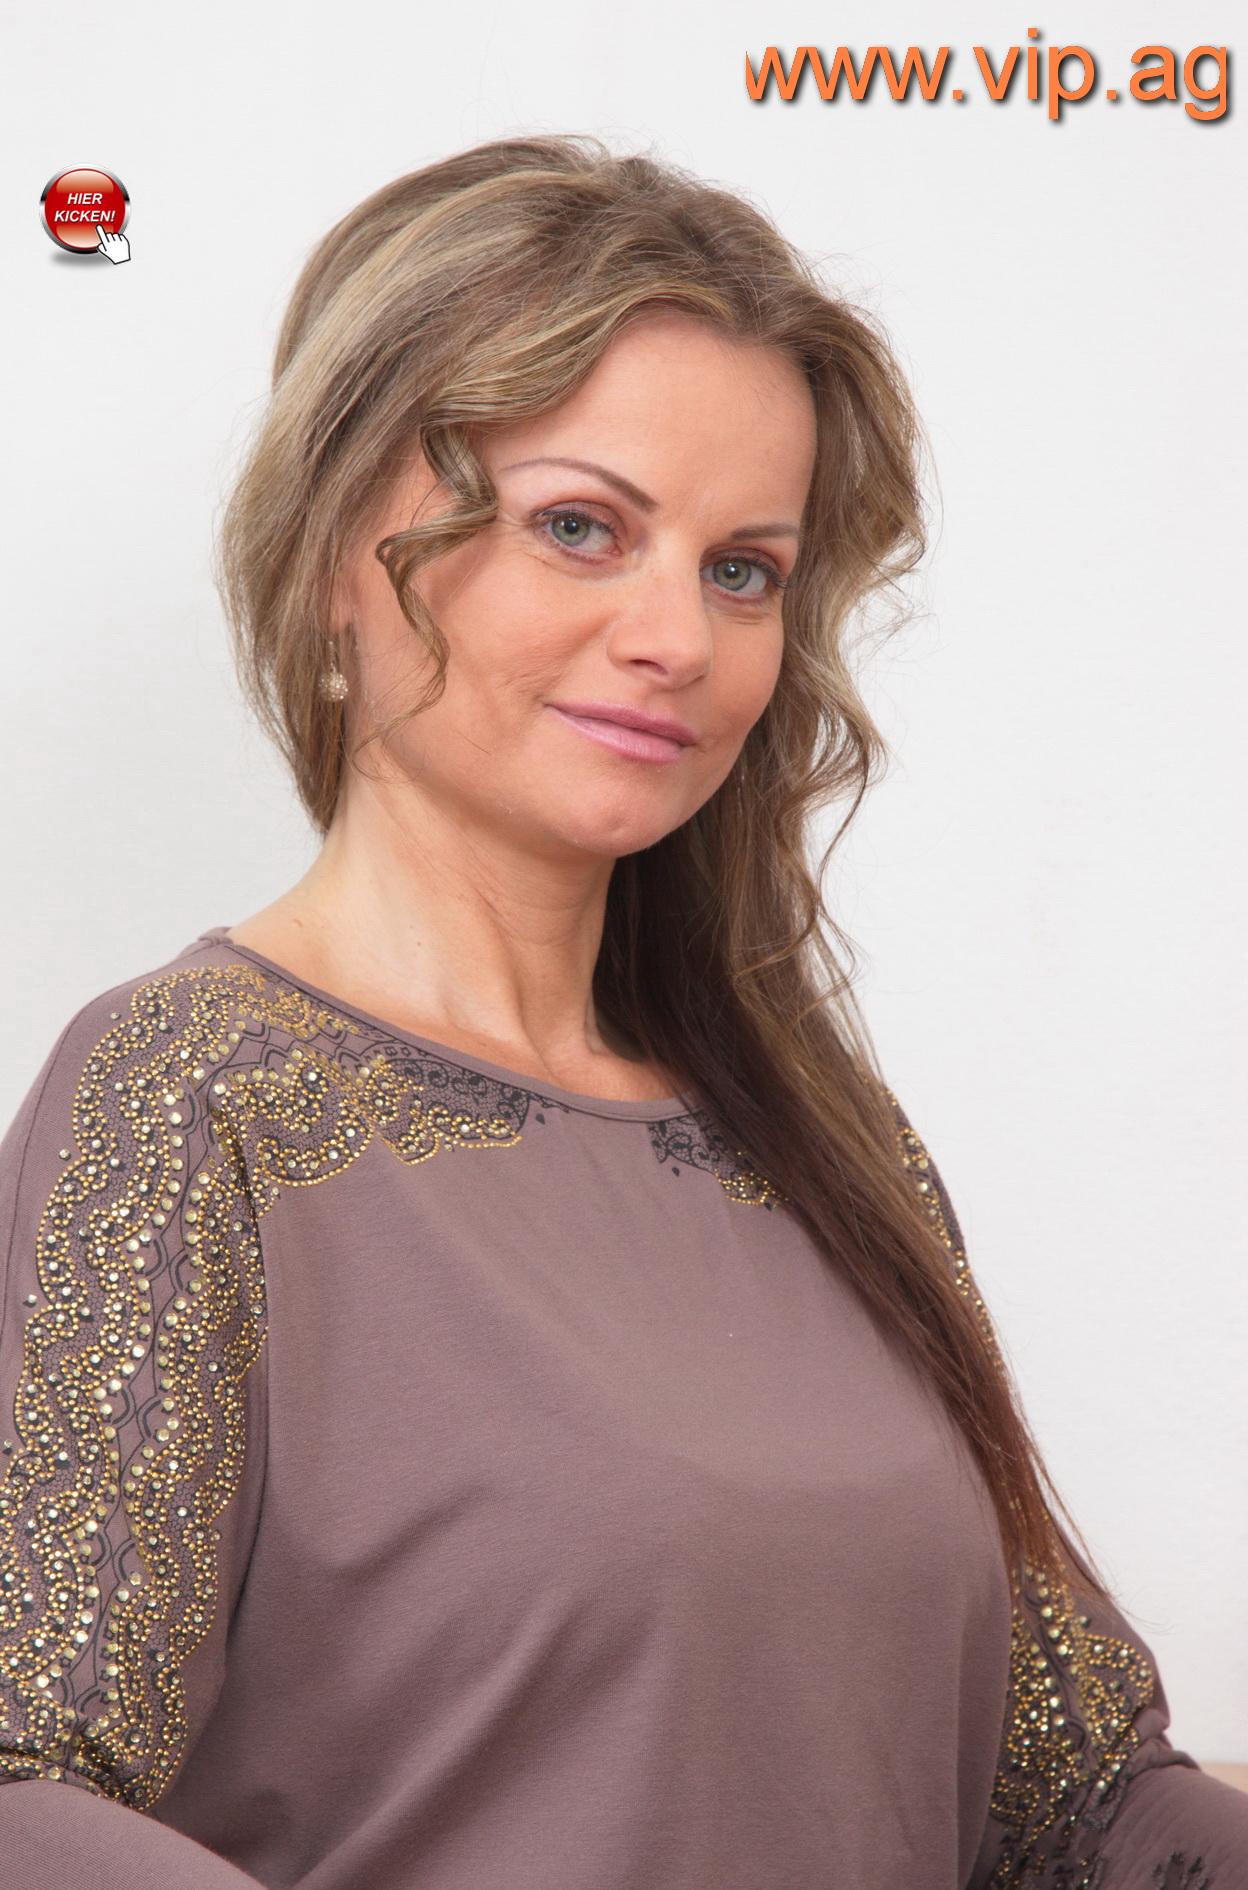 Annette aus Nürnberg ist bereits 50 Jahre alt.